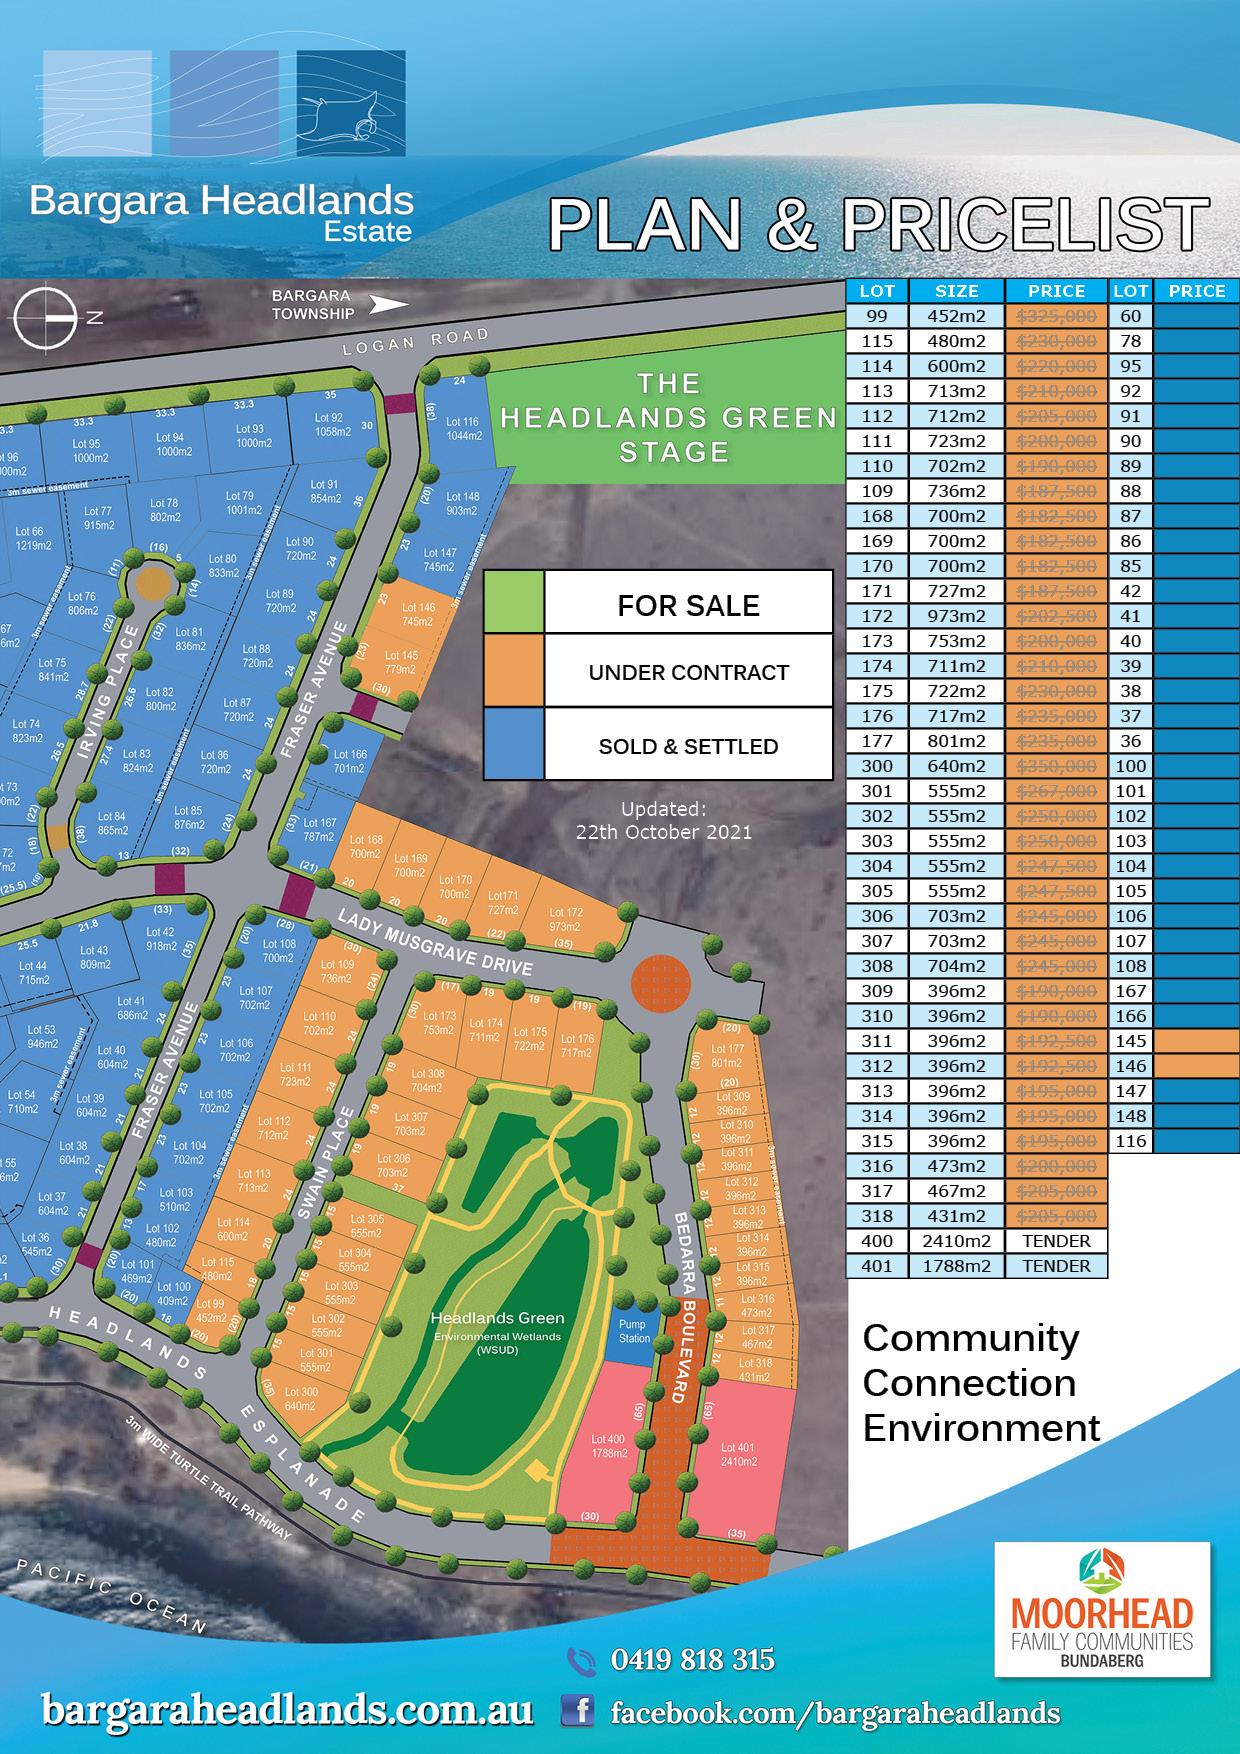 Plan & Pricelist - Bargara Headlands Estate 22nd October 2021